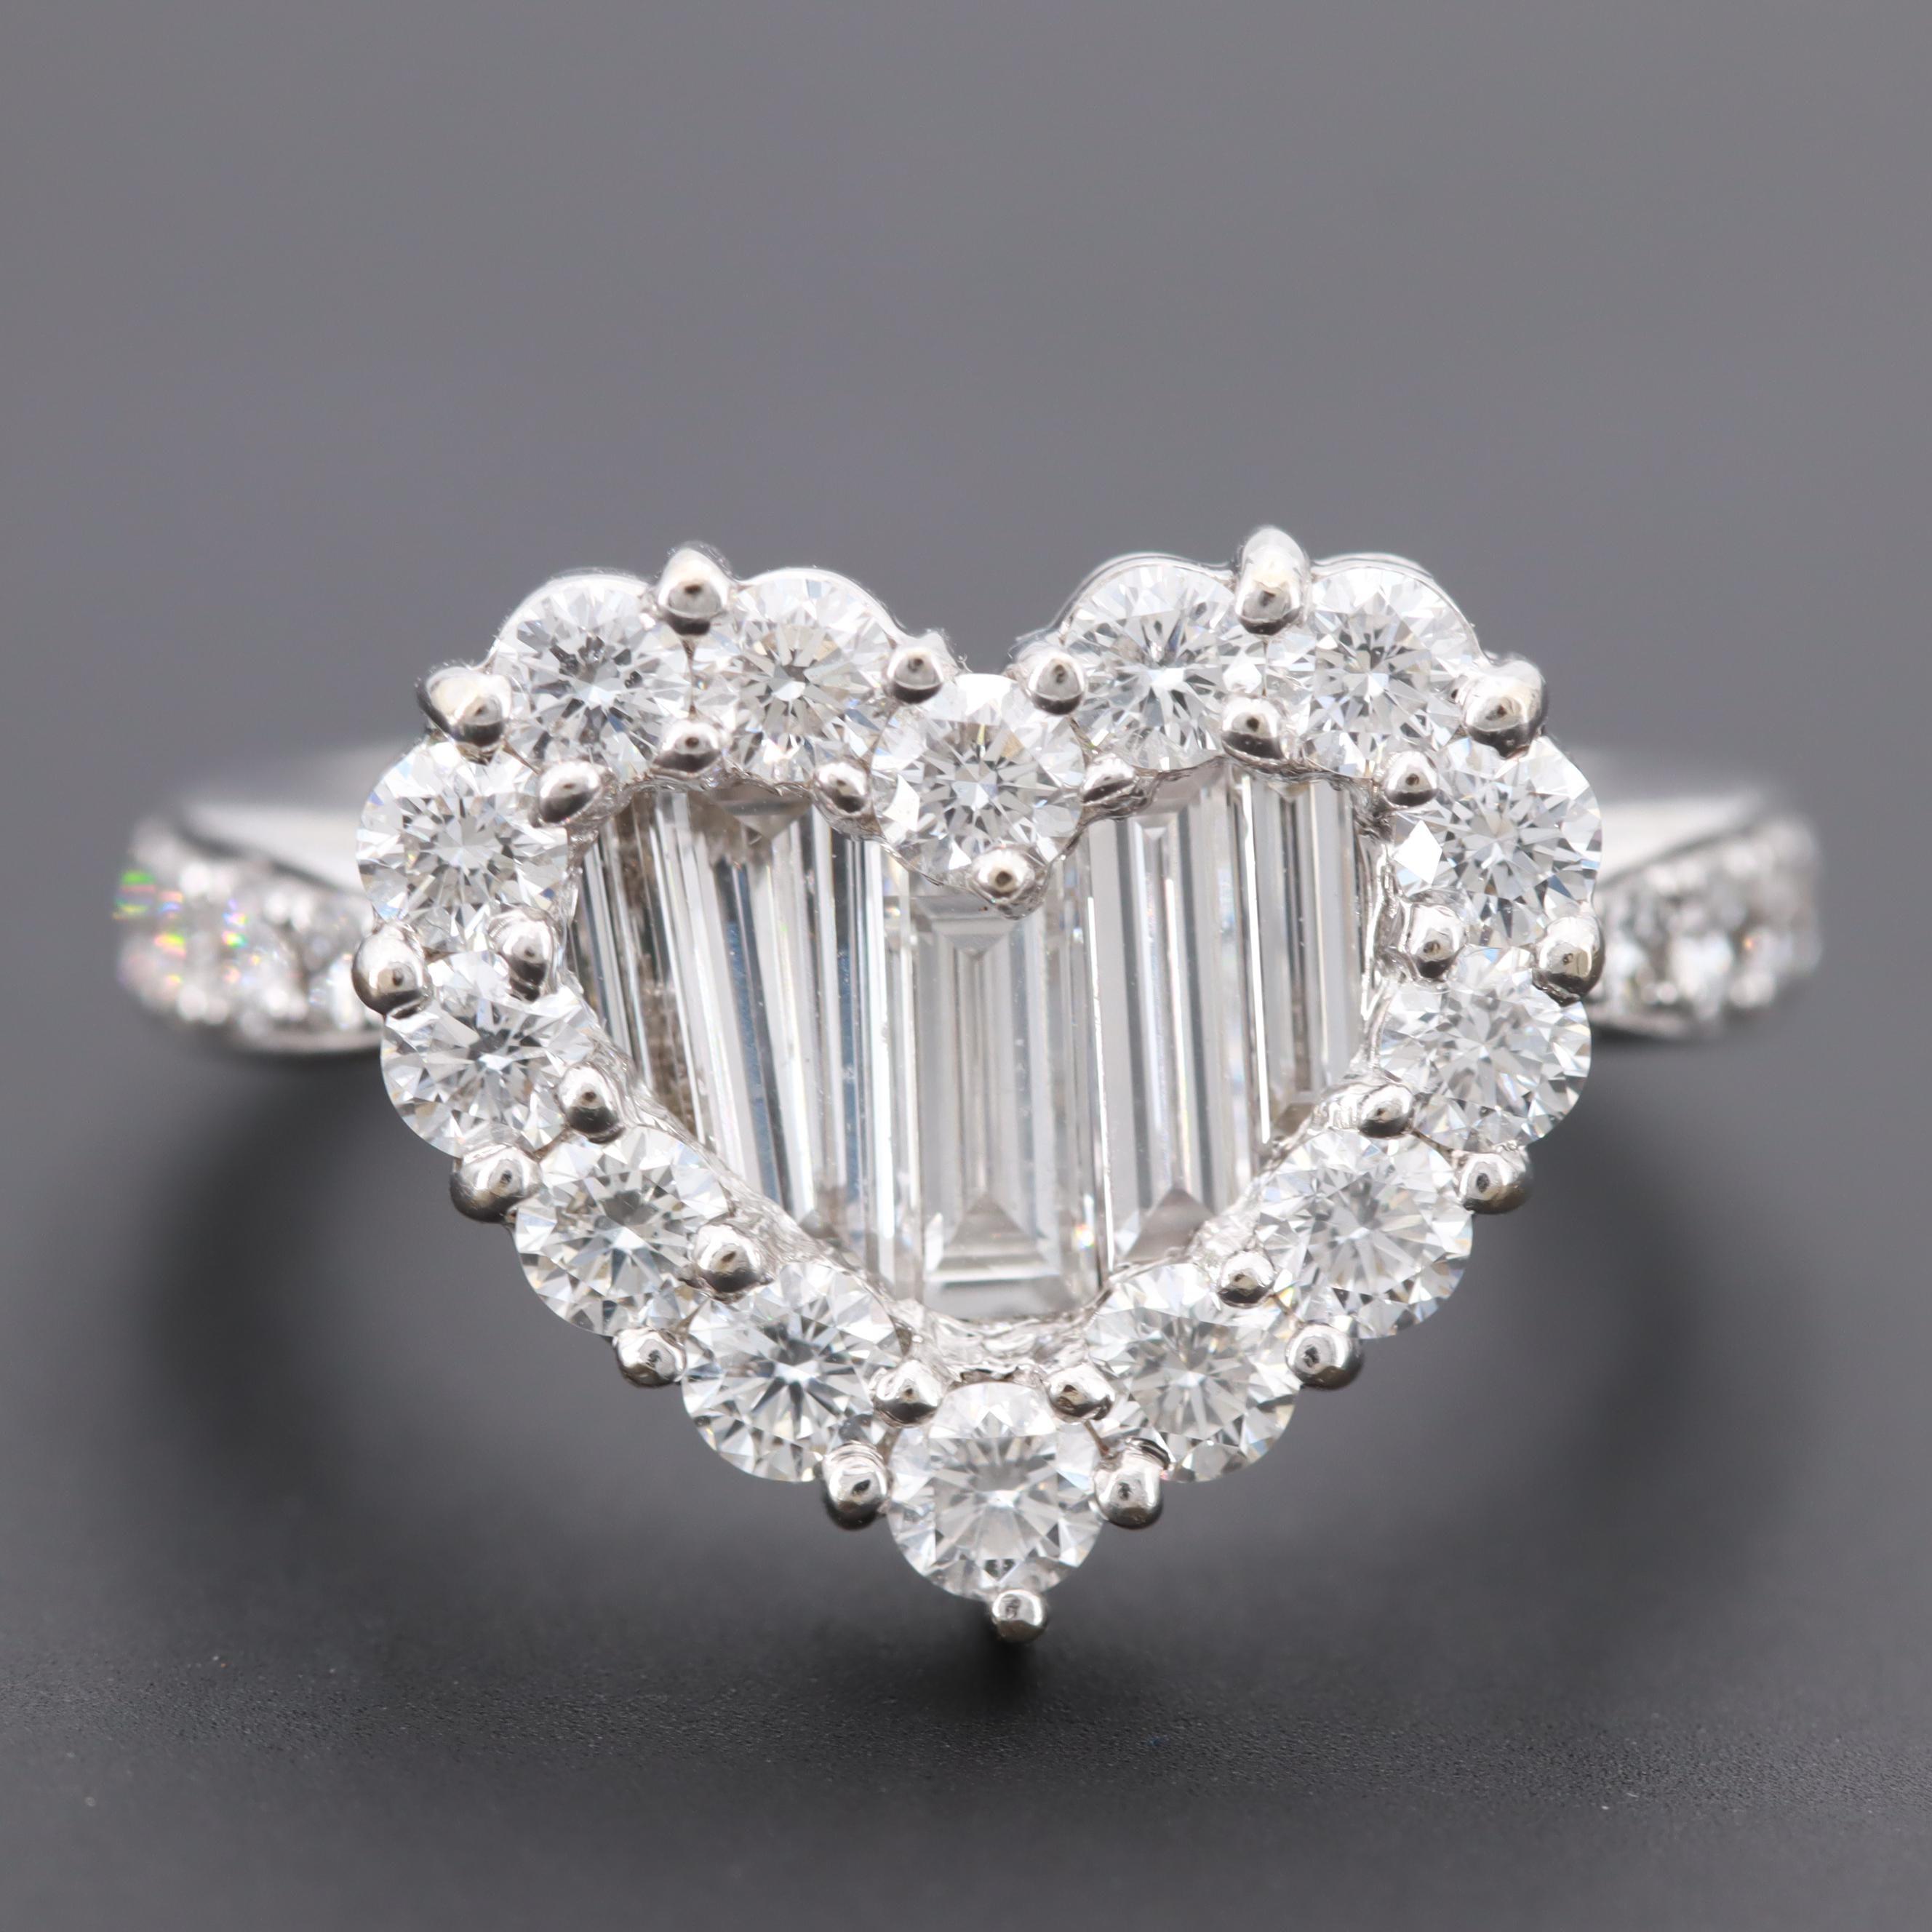 18K White Gold 2.48 CTW Diamond Heart Ring